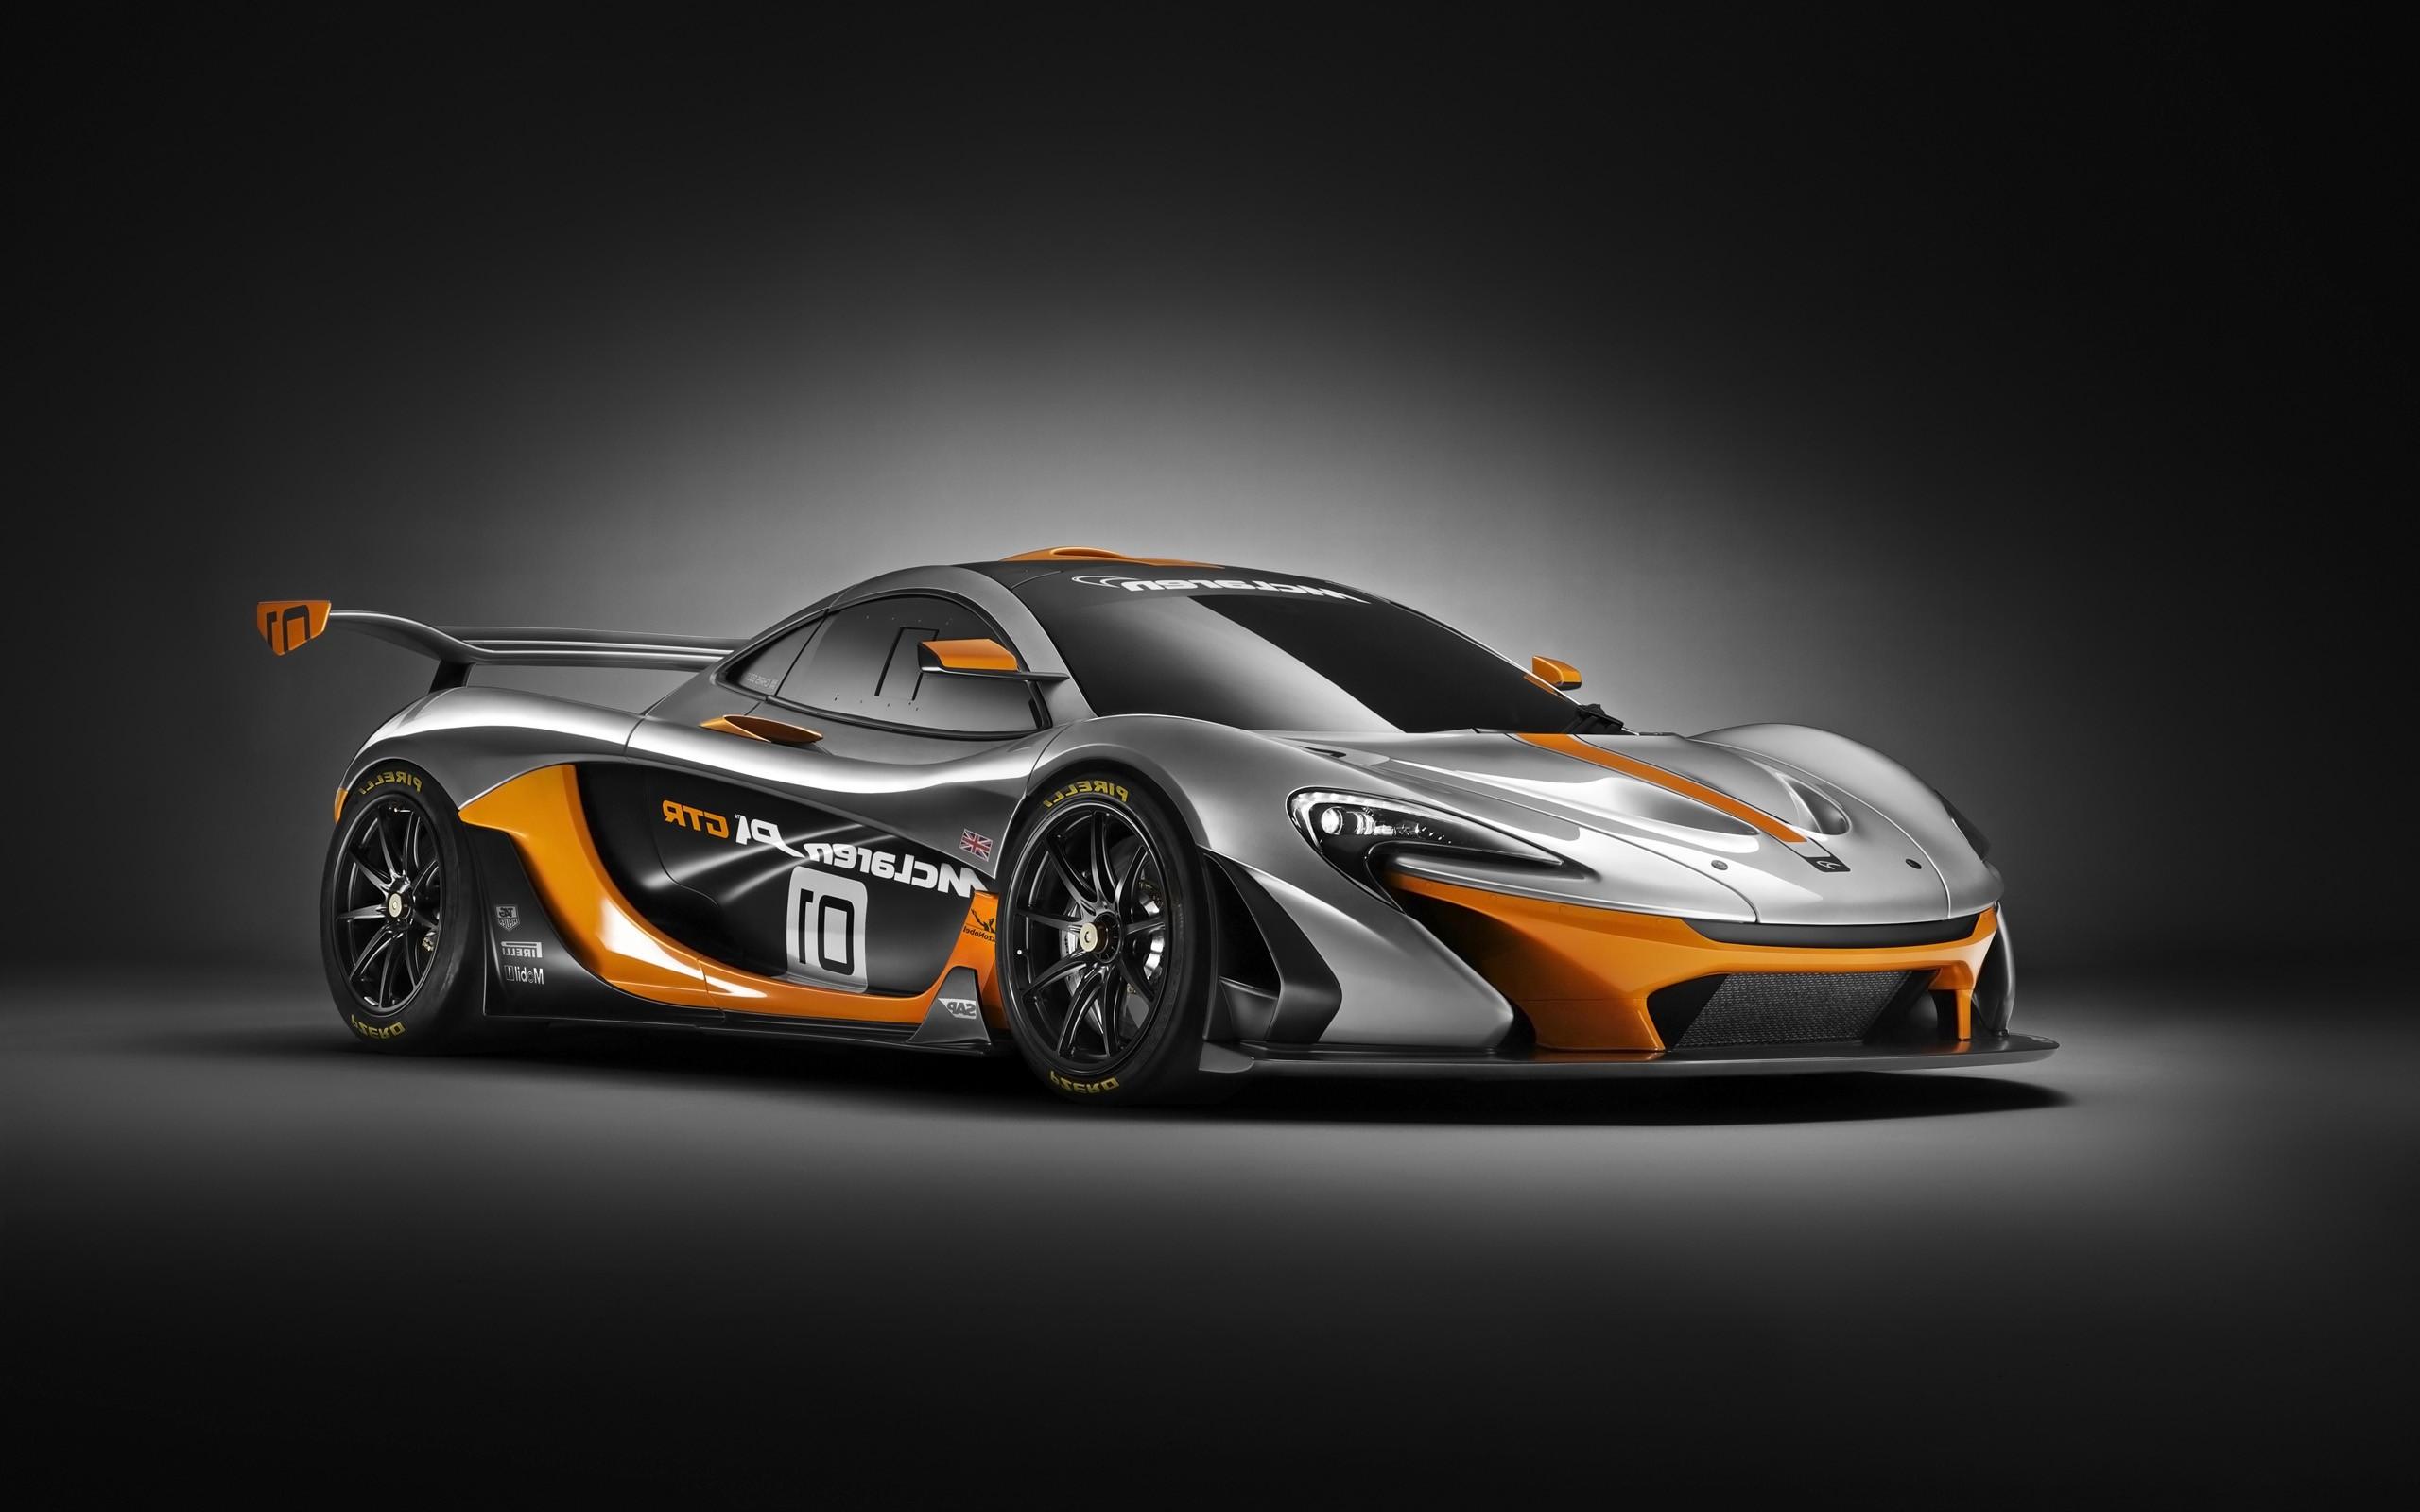 Mclaren P1 Gtr Logo >> Mclaren P1 GTR Super Car Concept, HD Cars, 4k Wallpapers ...